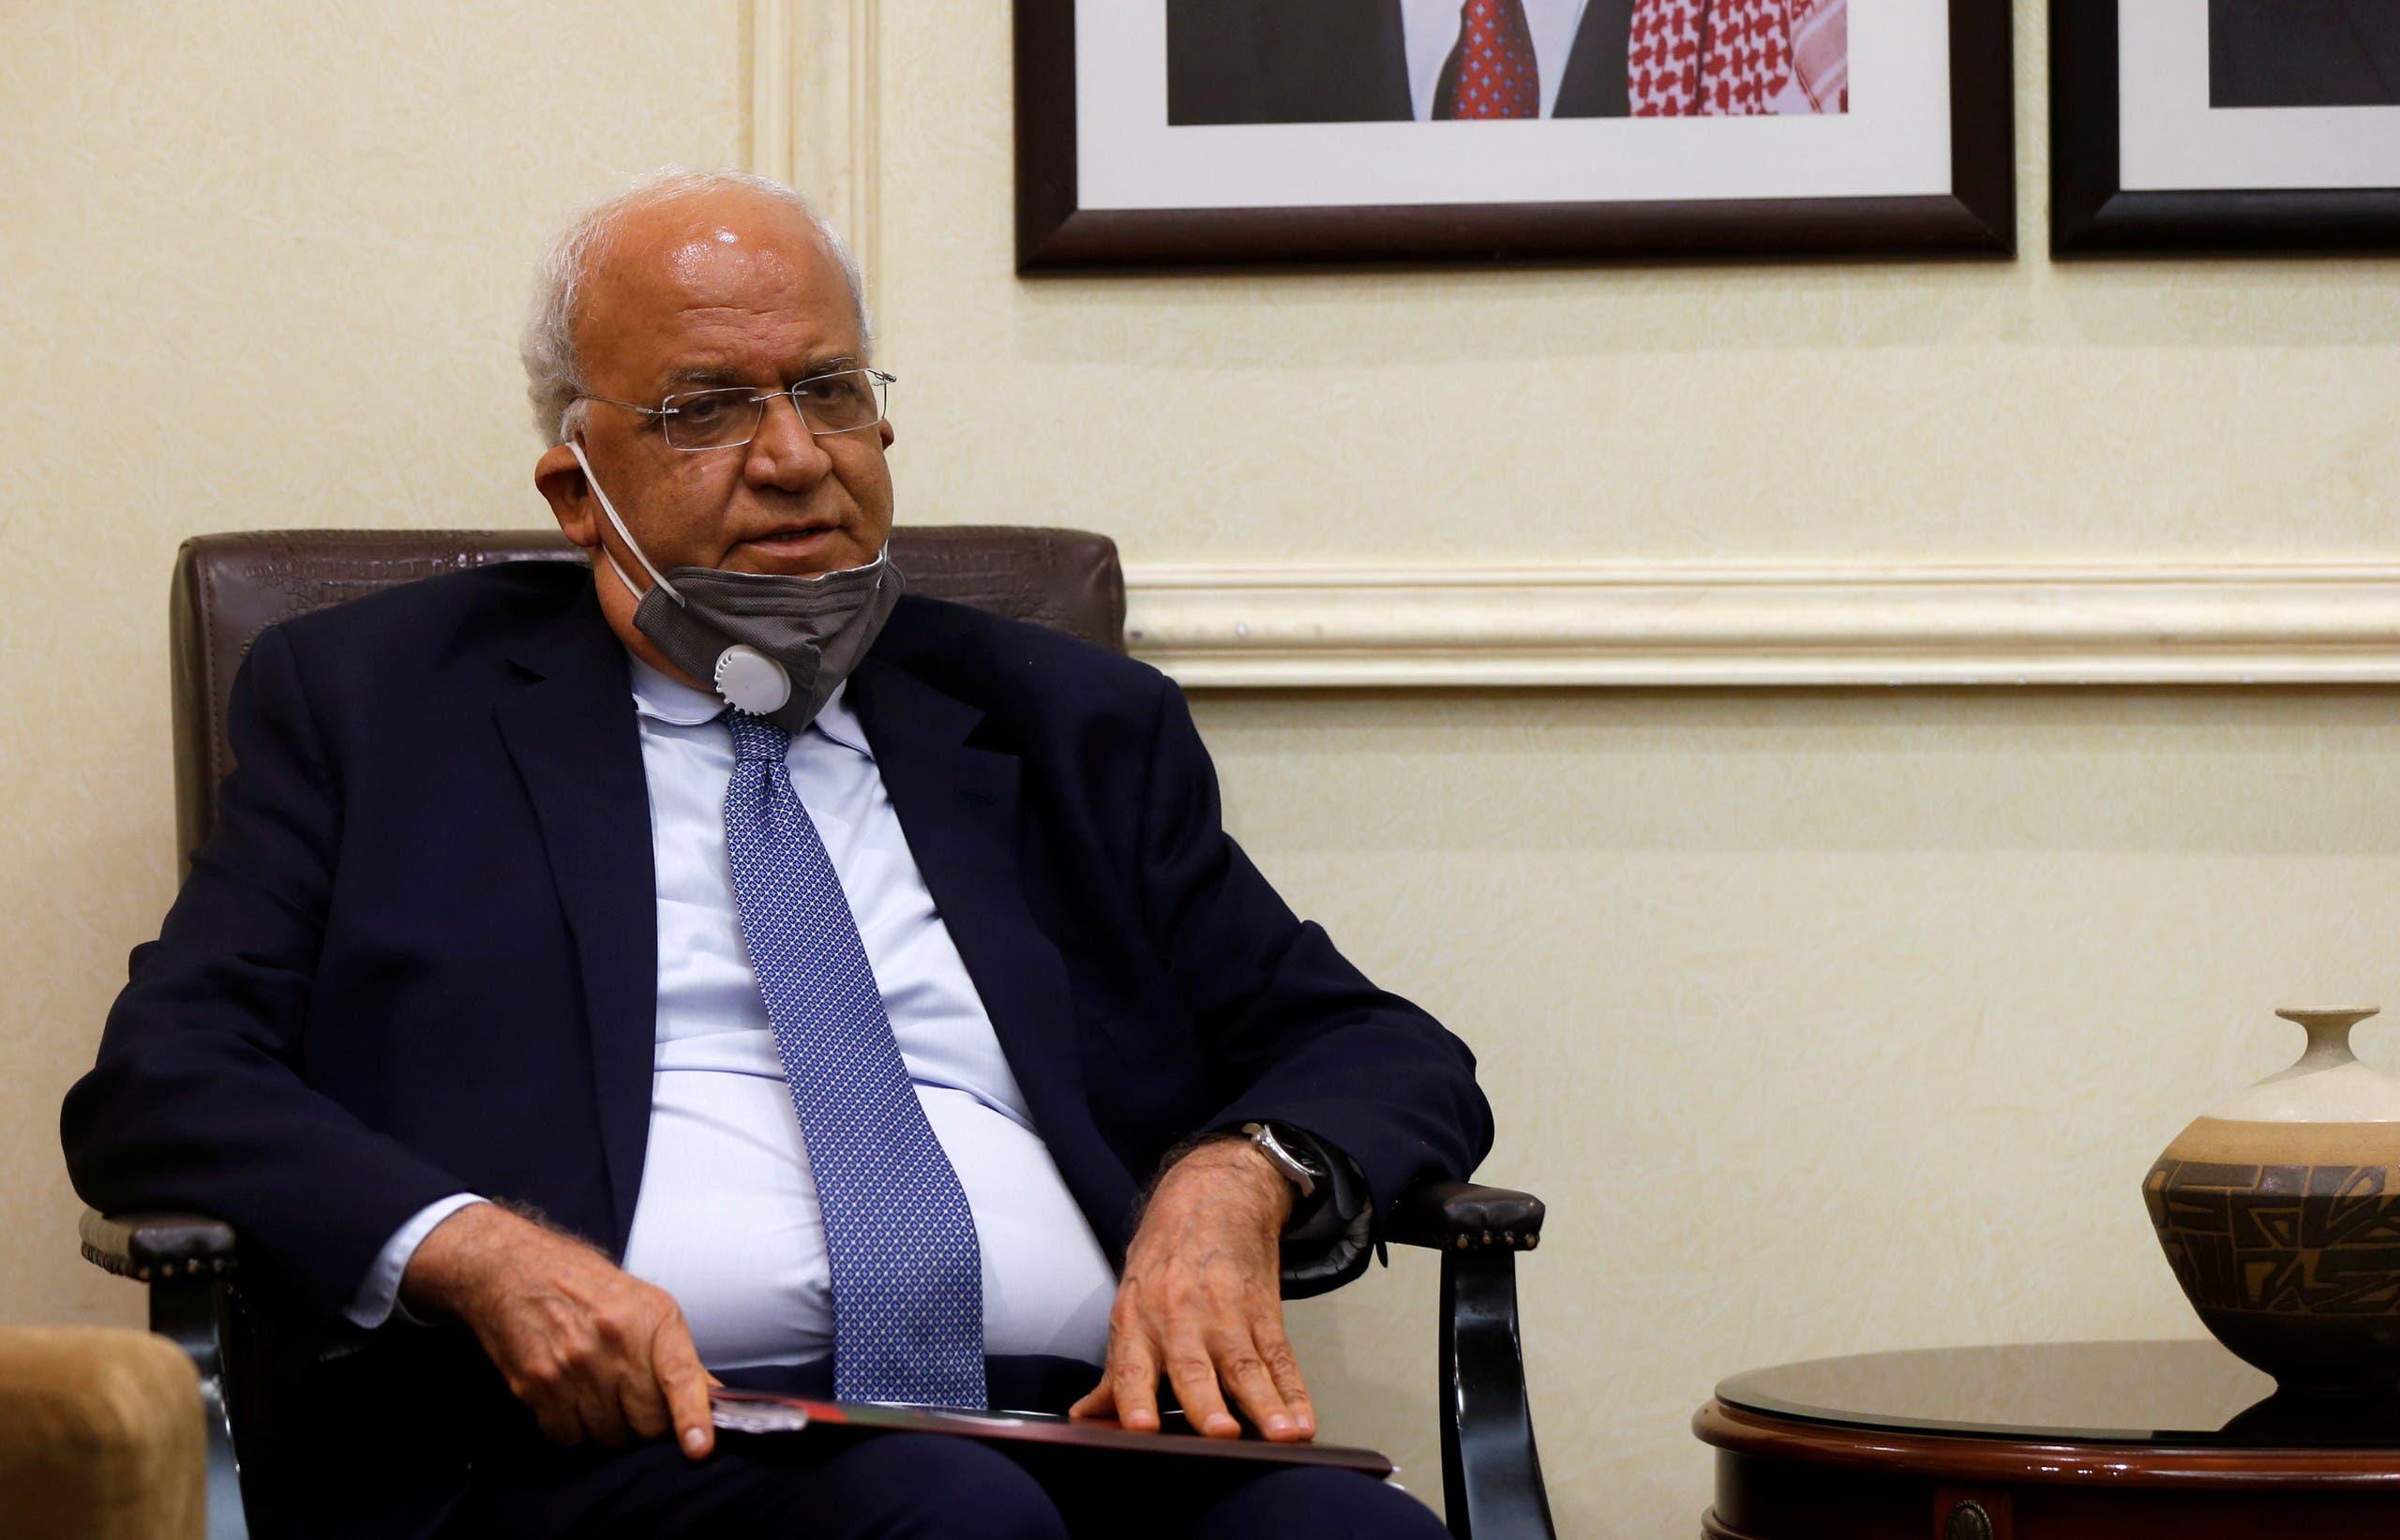 صورة حديثة لعريقات التقطت له خلال لقاء في عمّان مع وزير الخارجية الأردني في سبتمبر الماضي